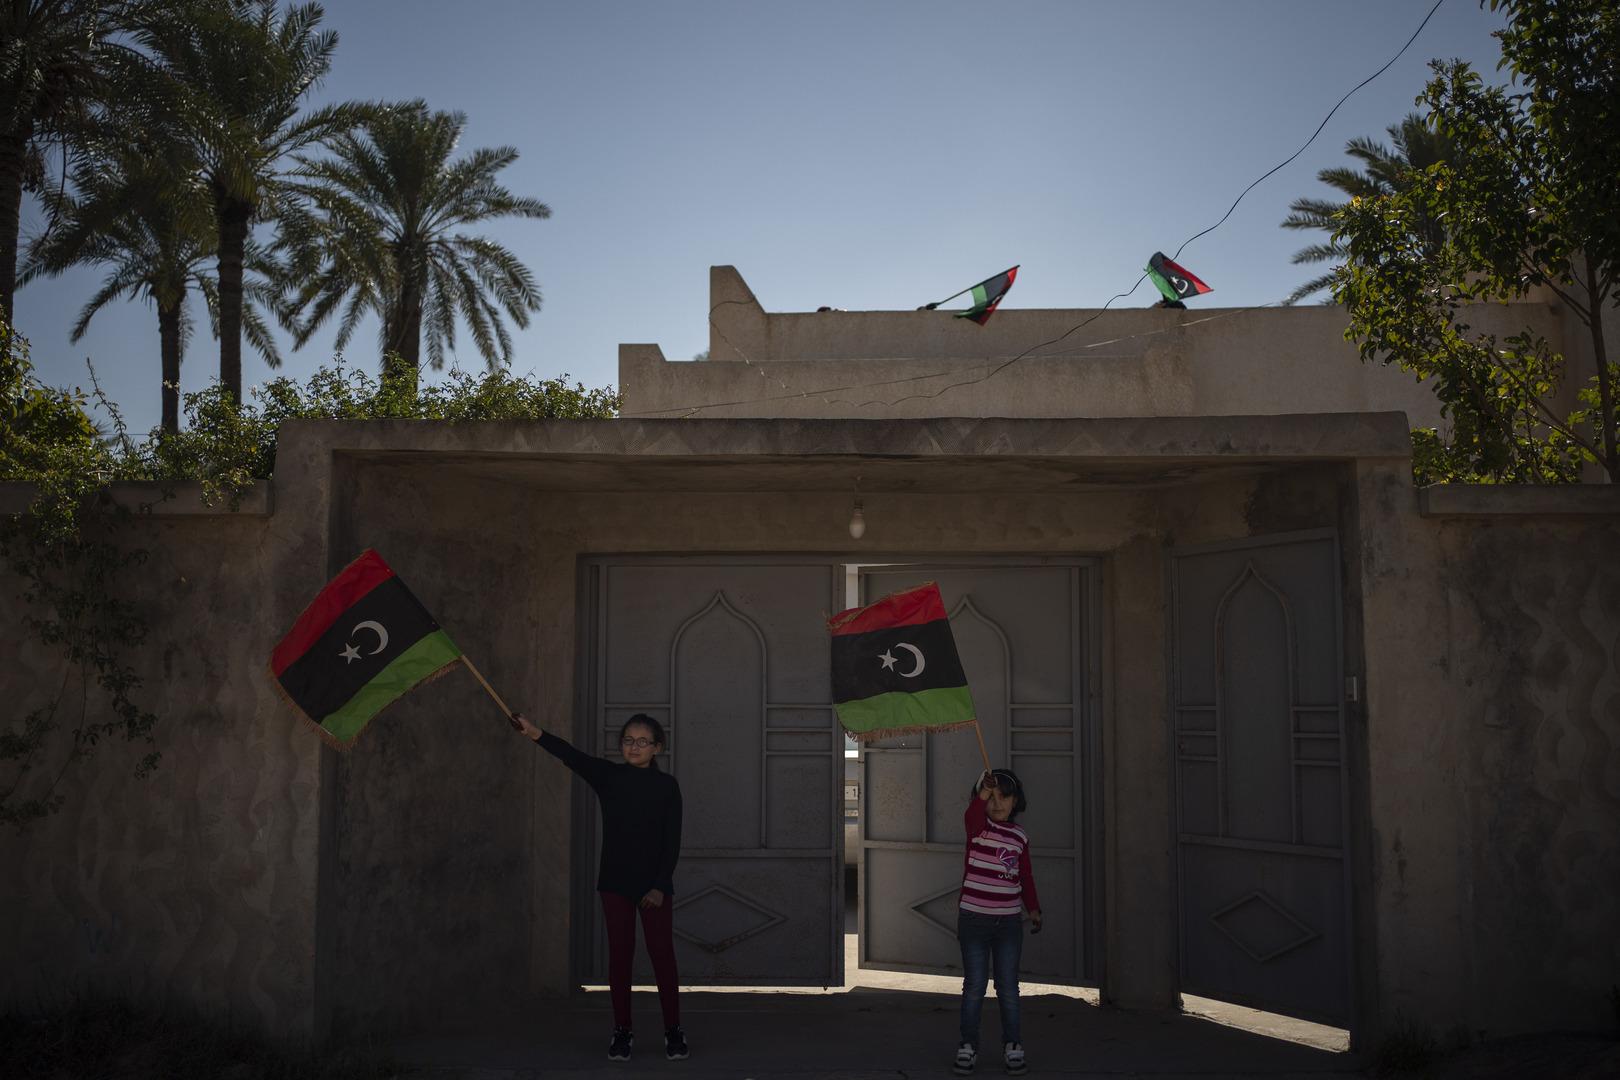 بعثة الأمم المتحدة في ليبيا: حكومة الدبيبة هي الحكومة الشرعية حتى إجراء الانتخابات